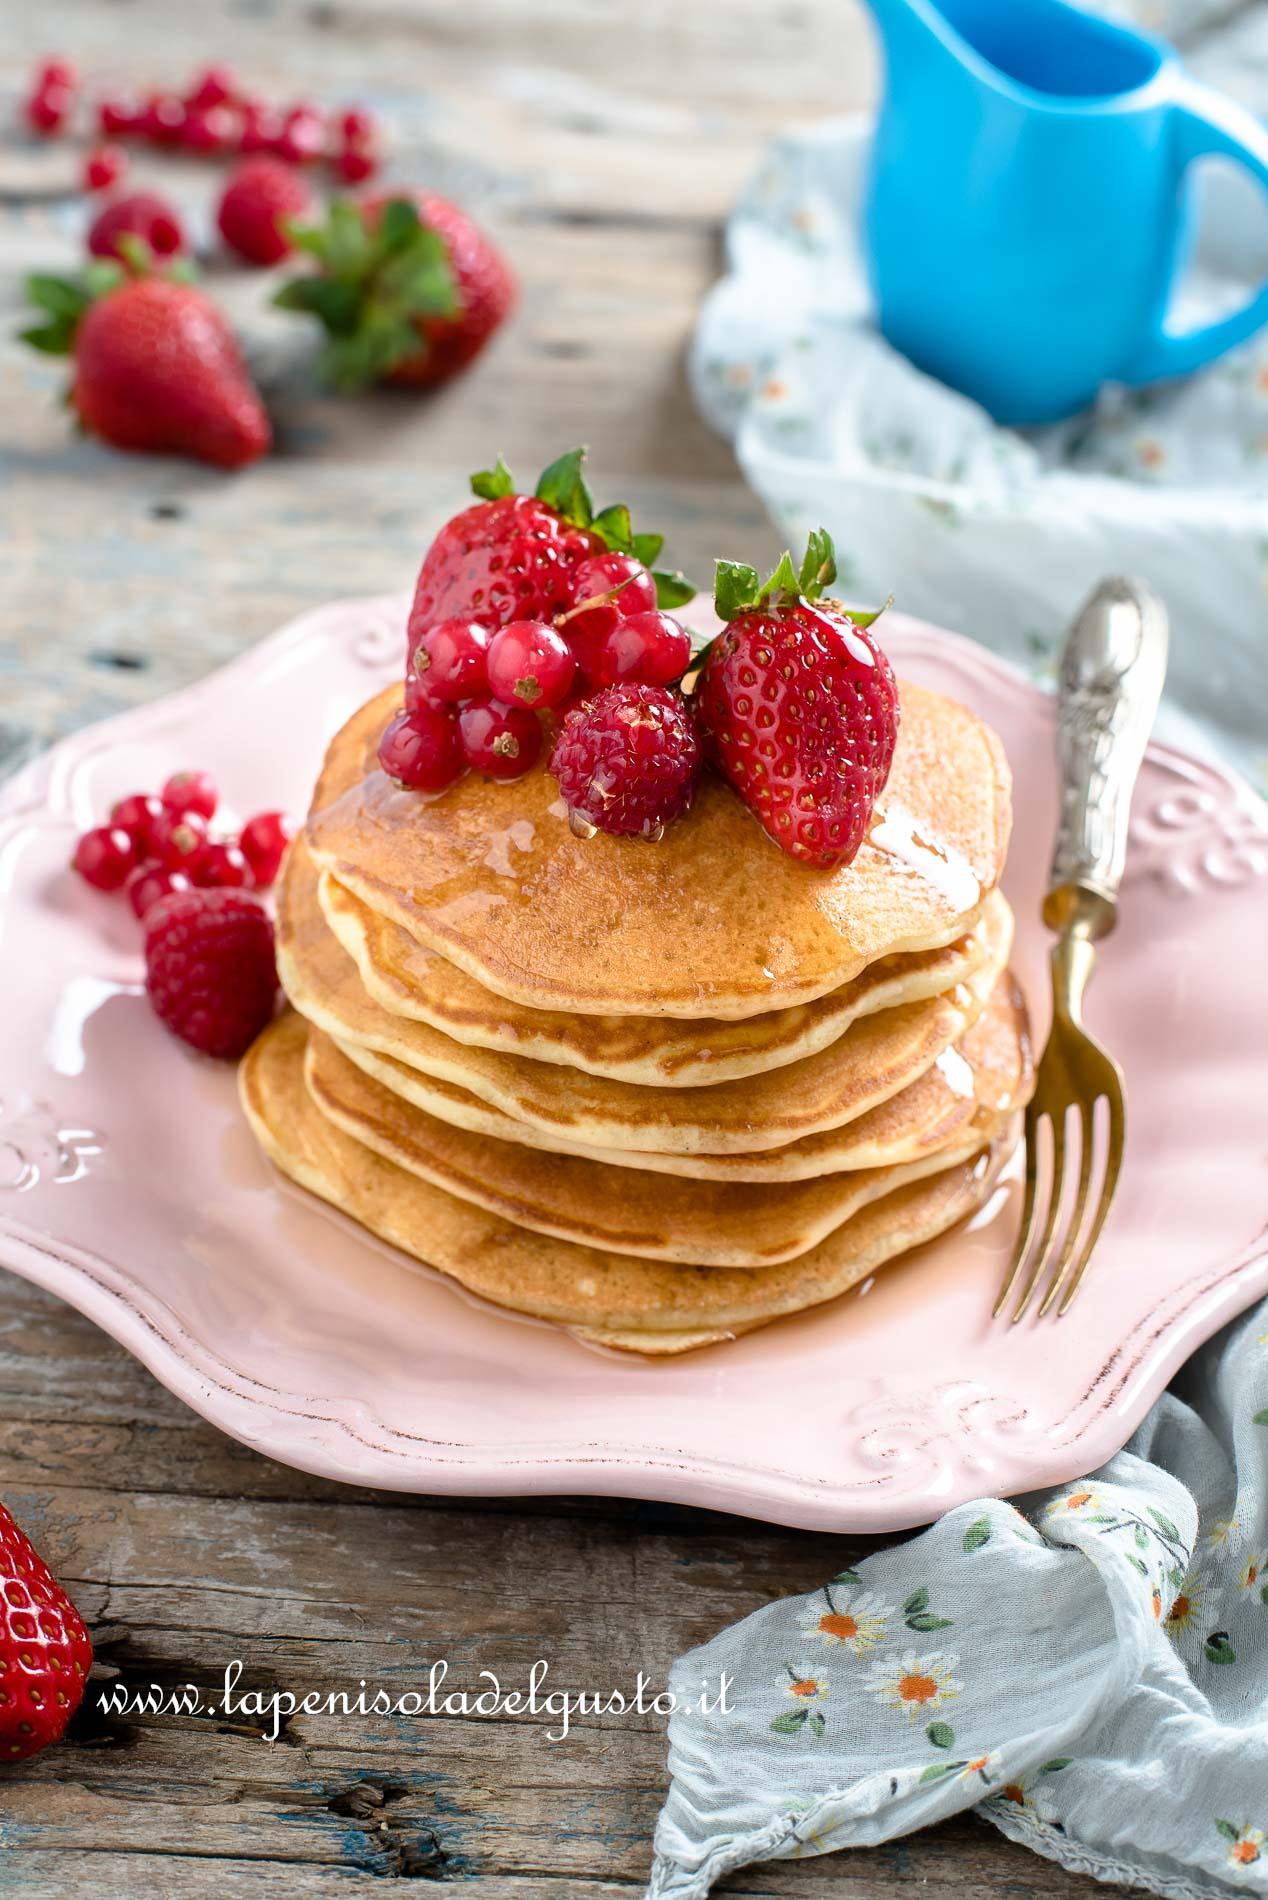 Ricetta Pancake Originali Americani.Pancake Americani La Ricetta Perfetta Con Foto Passo A Passo